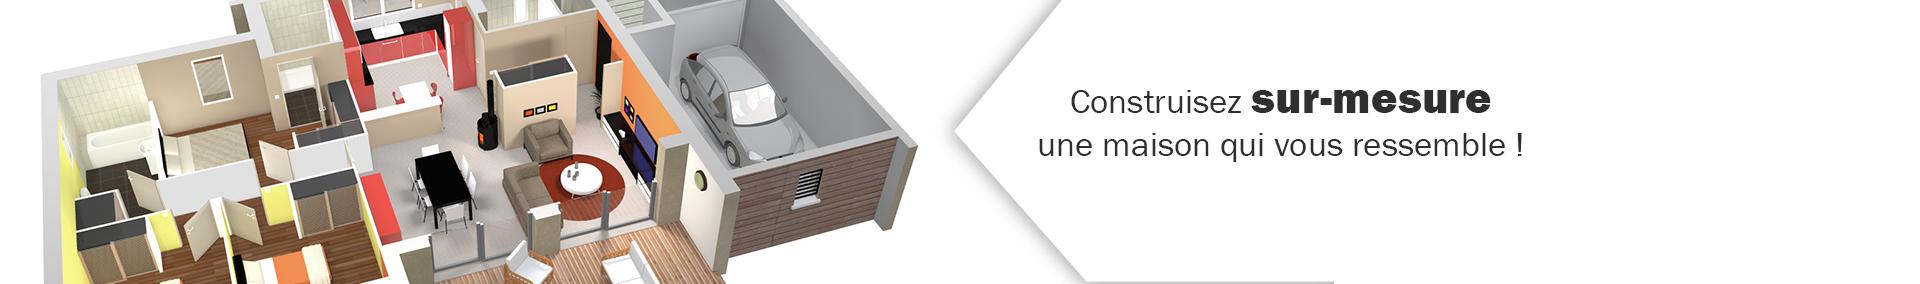 Réalisez votre projet de construction sur mesure avec Maisons Bruno Petit